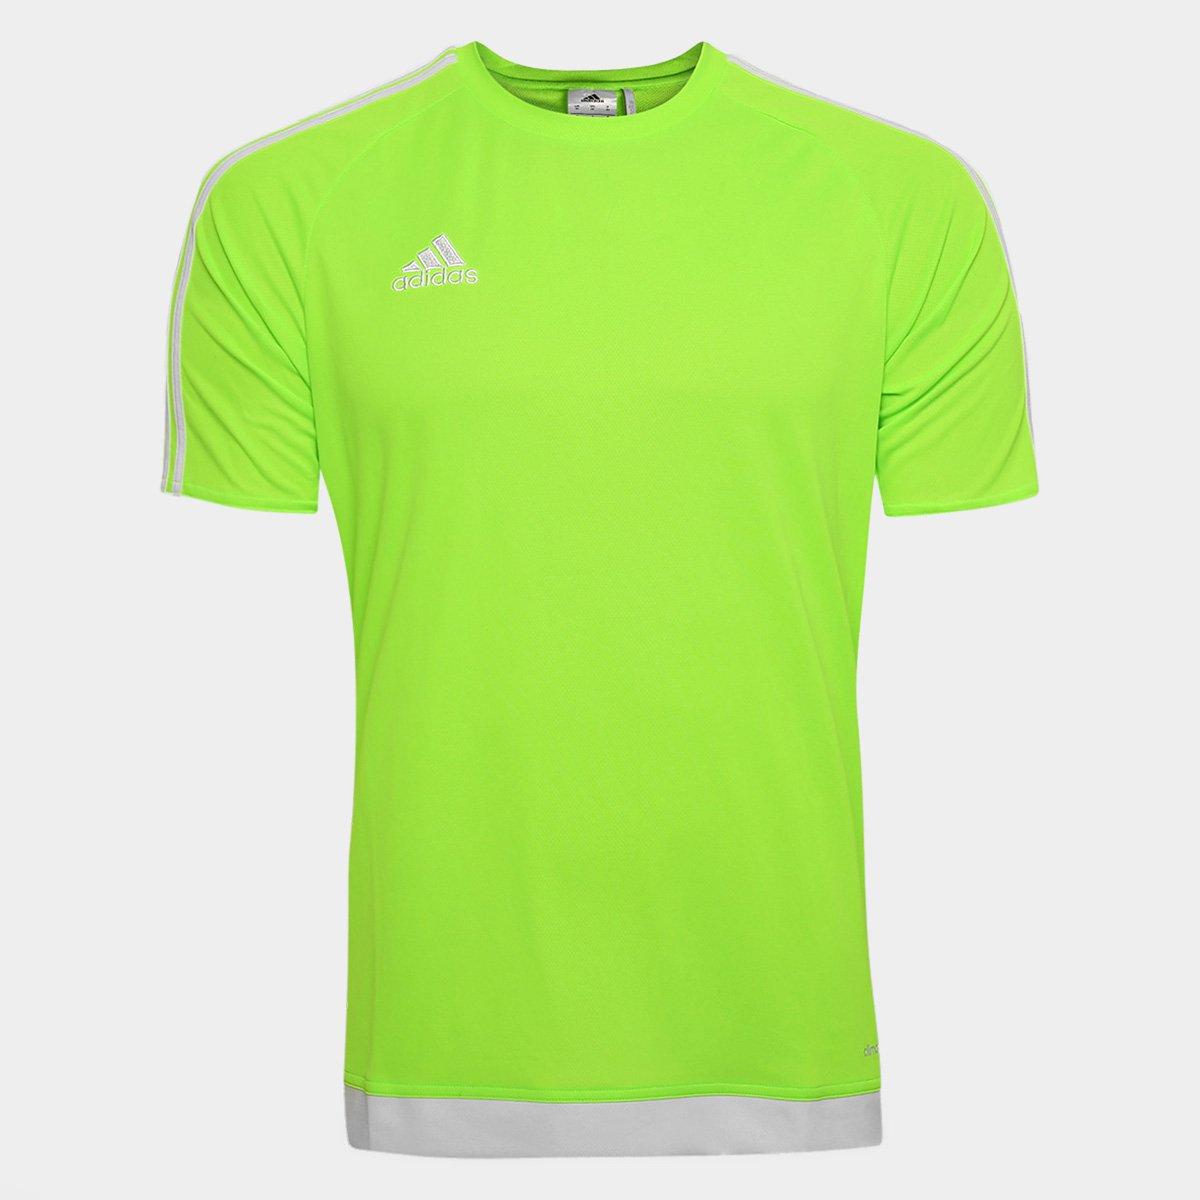 5782f9f7670 Camisa Adidas Estro 15 Masculina - Verde - Compre Agora